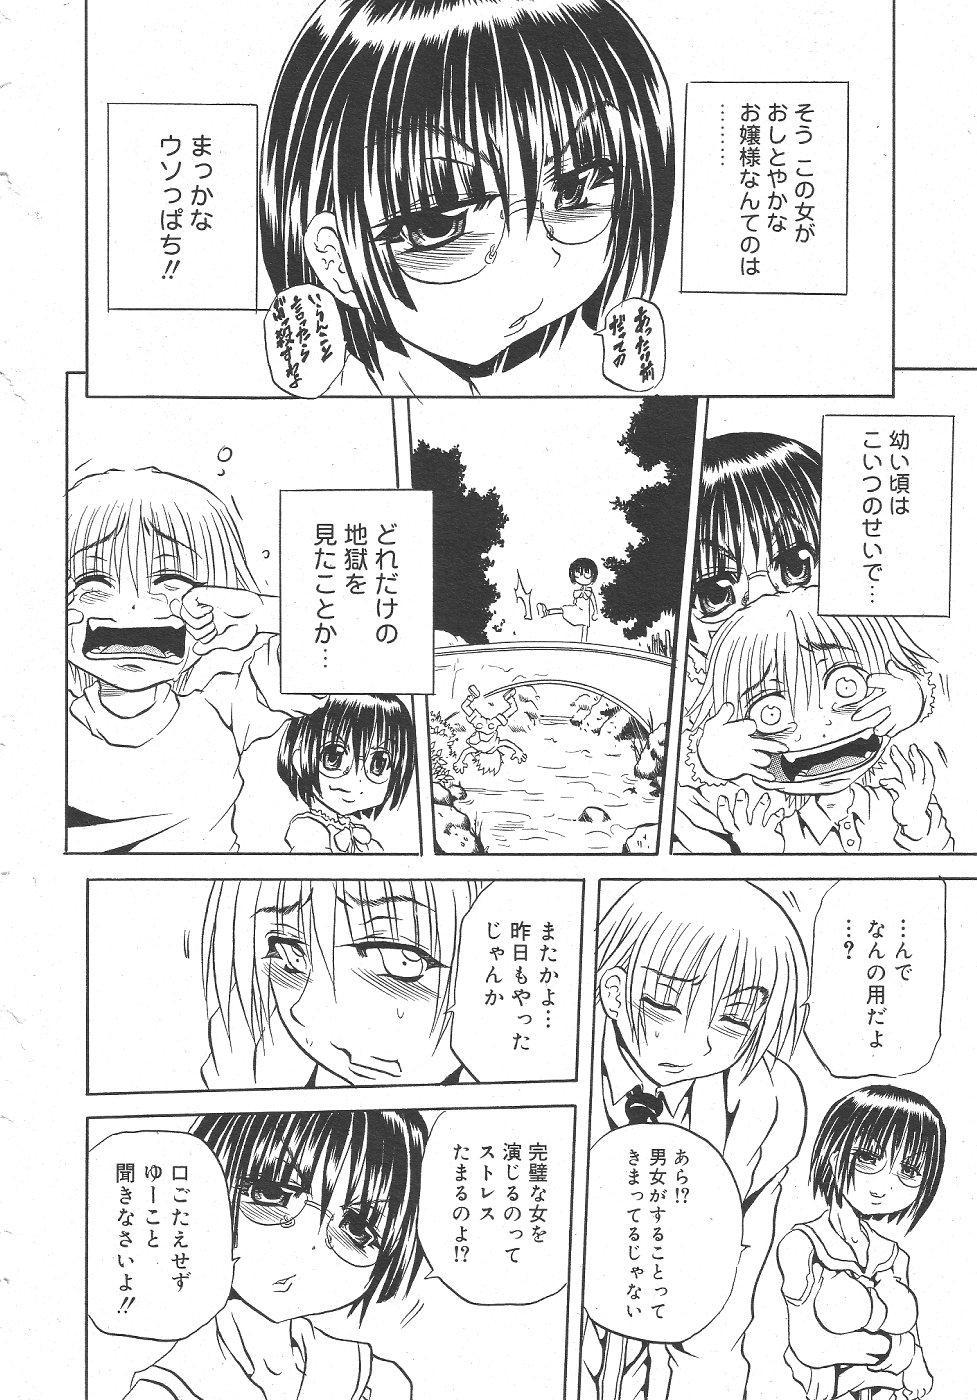 Gekkan Comic Muga 2004-06 Vol.10 71